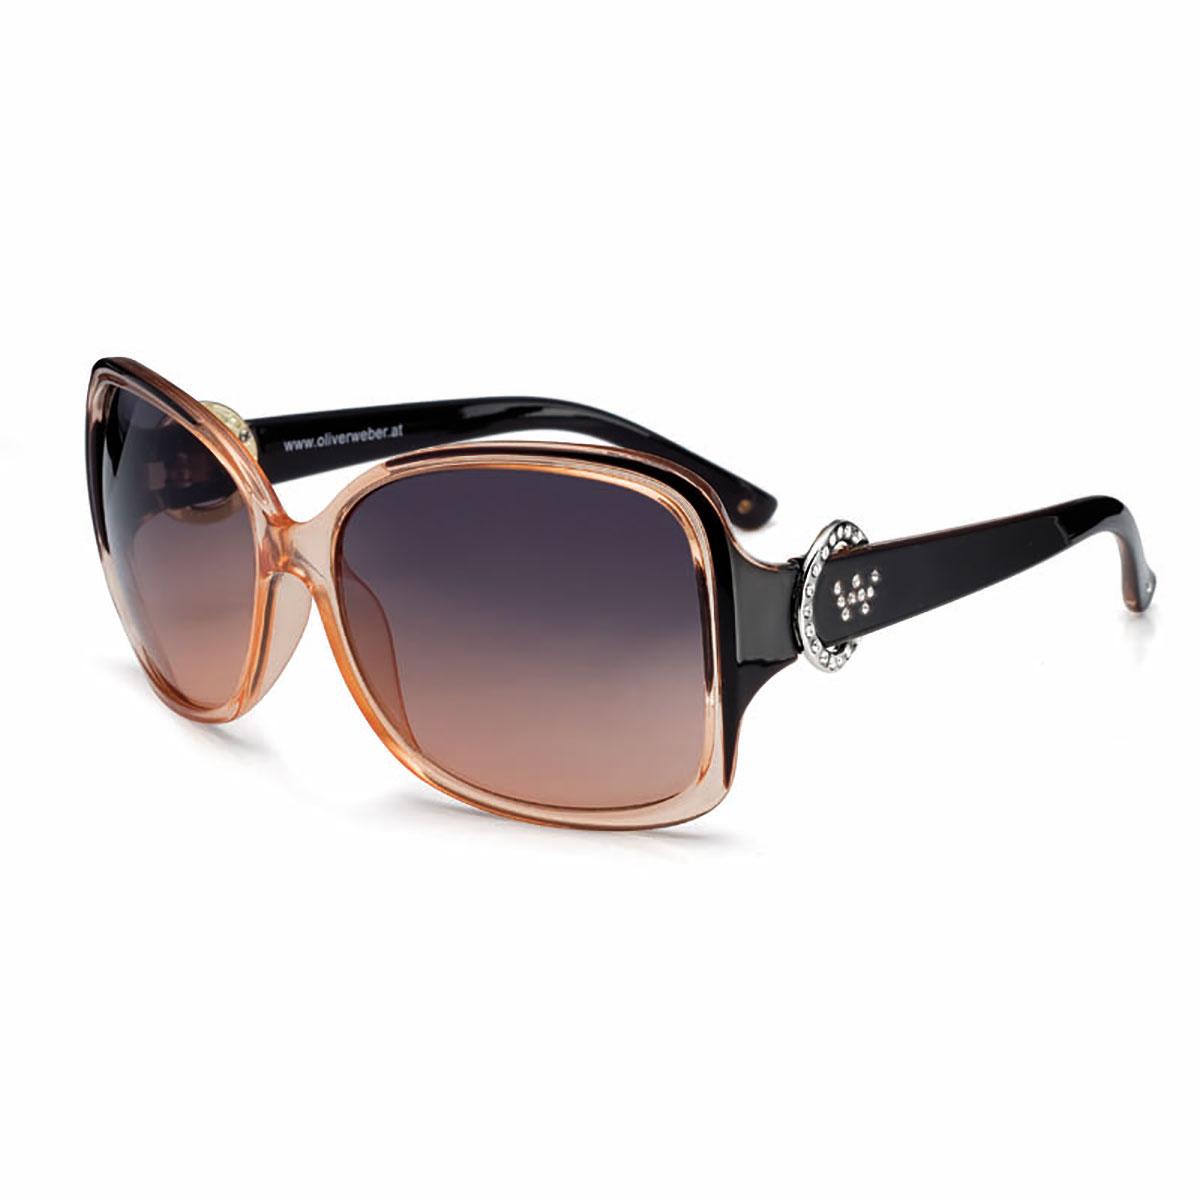 عینک نارنجی مدل ایلینویز